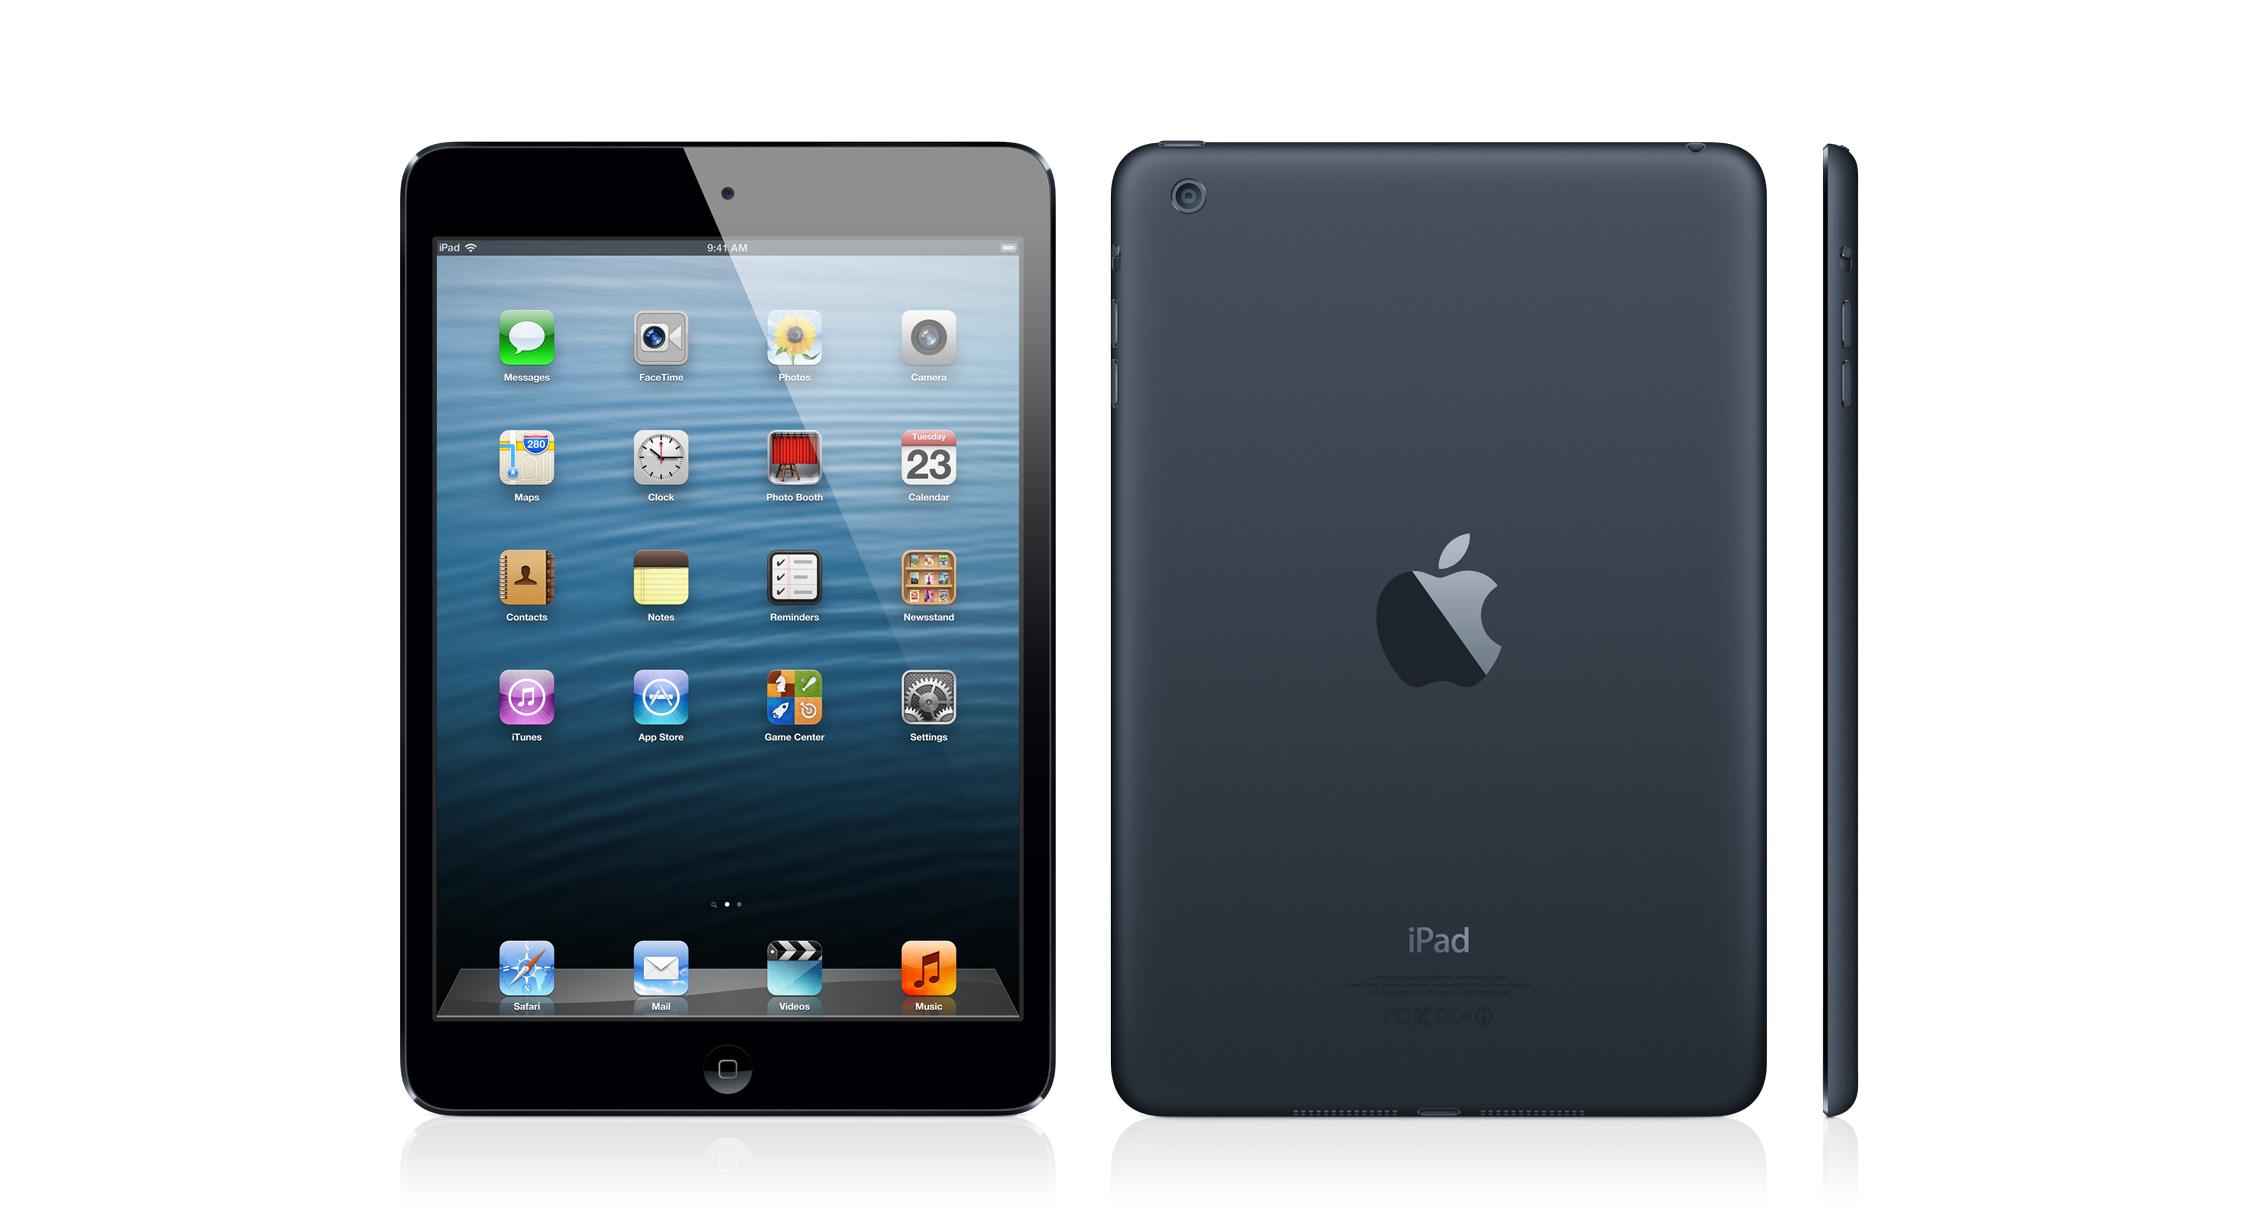 Noul iPad Mini disponibil la vanzare si in Romania – pe Emag.ro